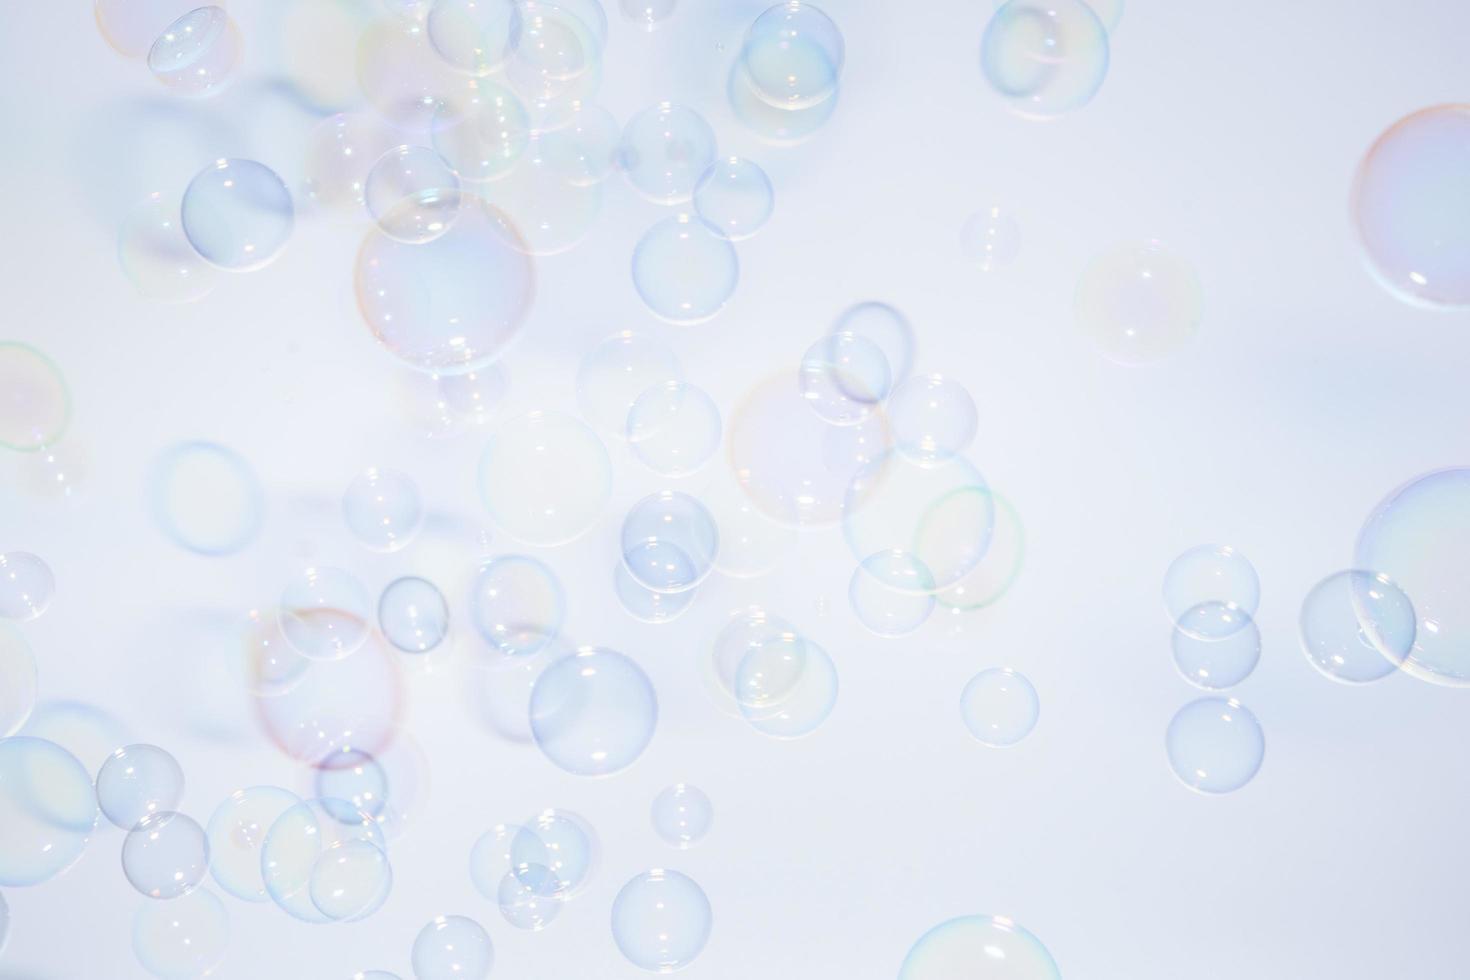 bolhas coloridas em fundo branco foto